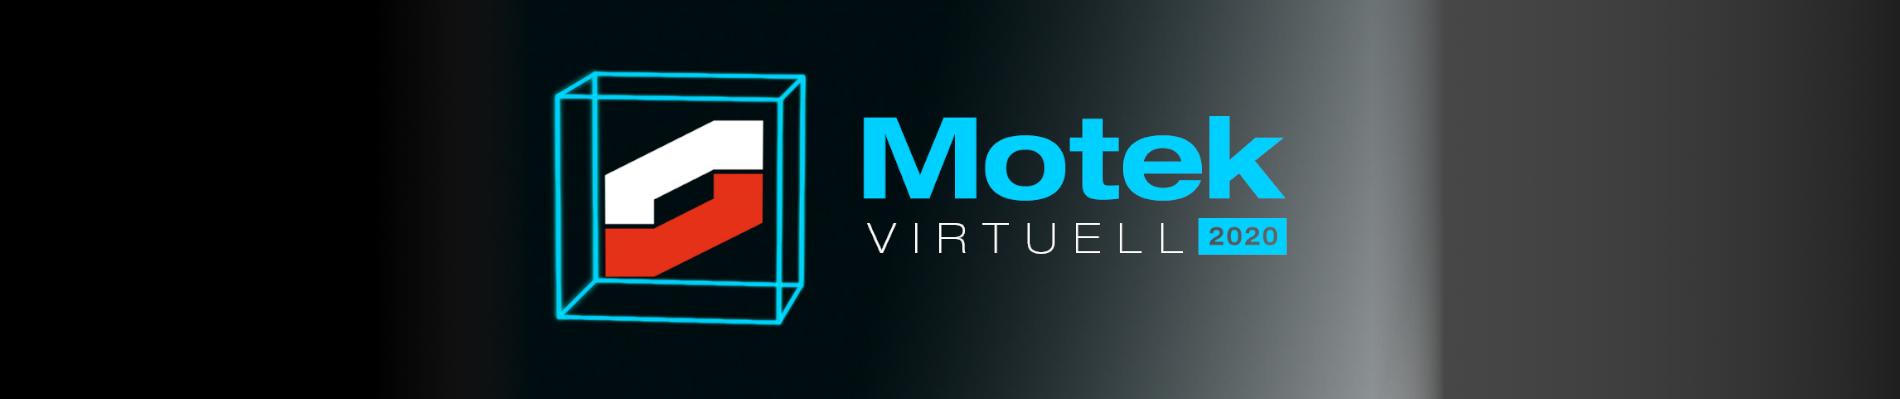 Motek virtuell 2020